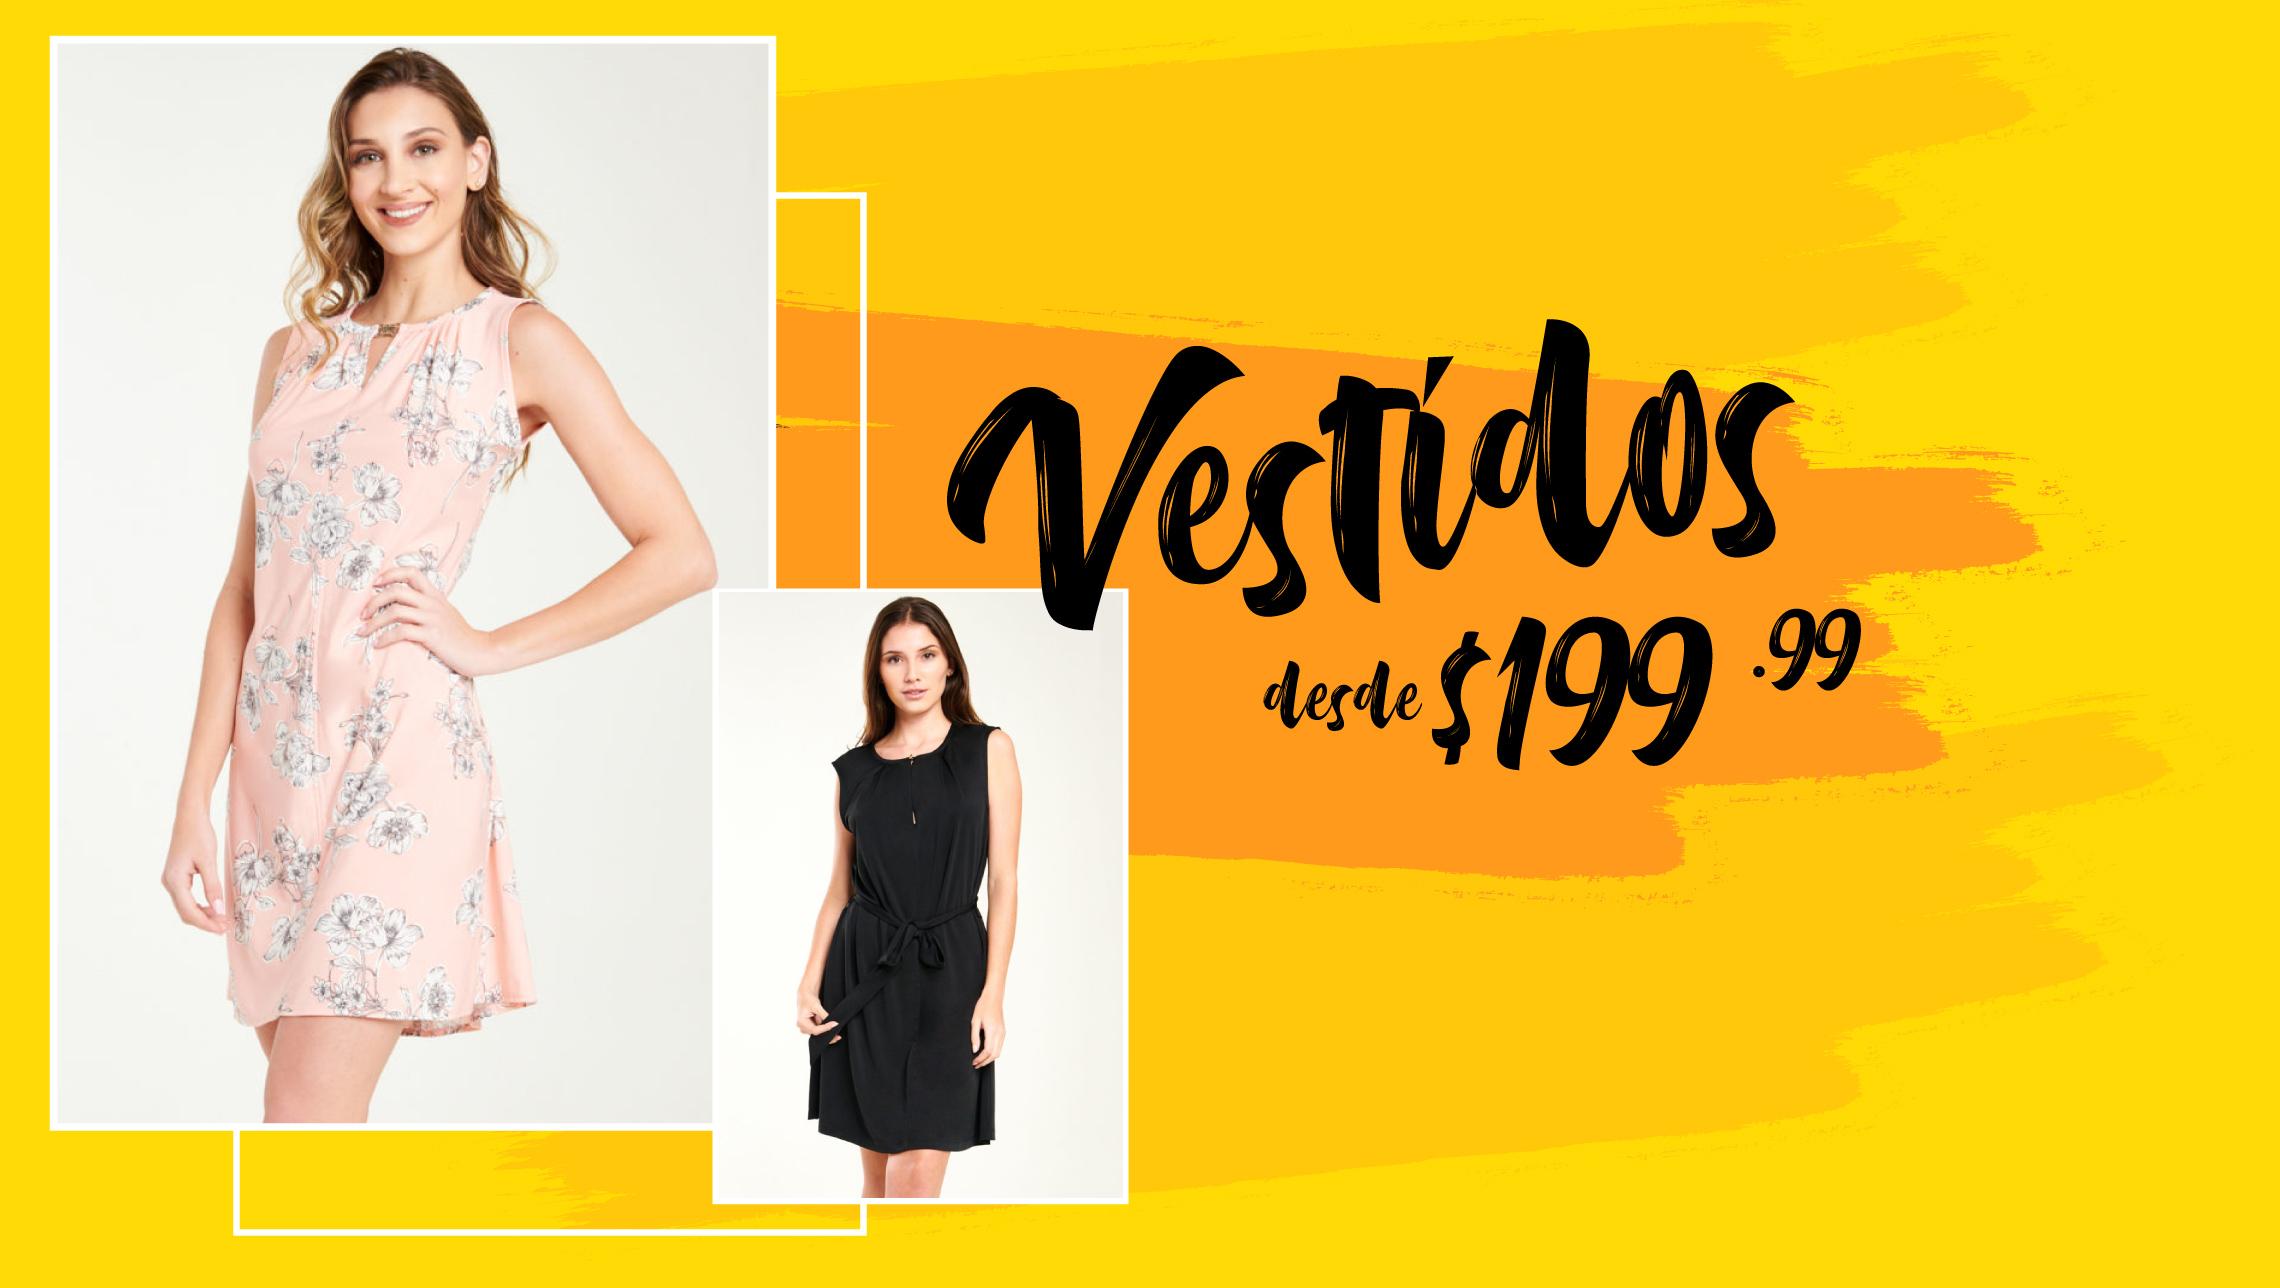 Vertiche Catalogo Vestidos Vestidos De Novia Largo De